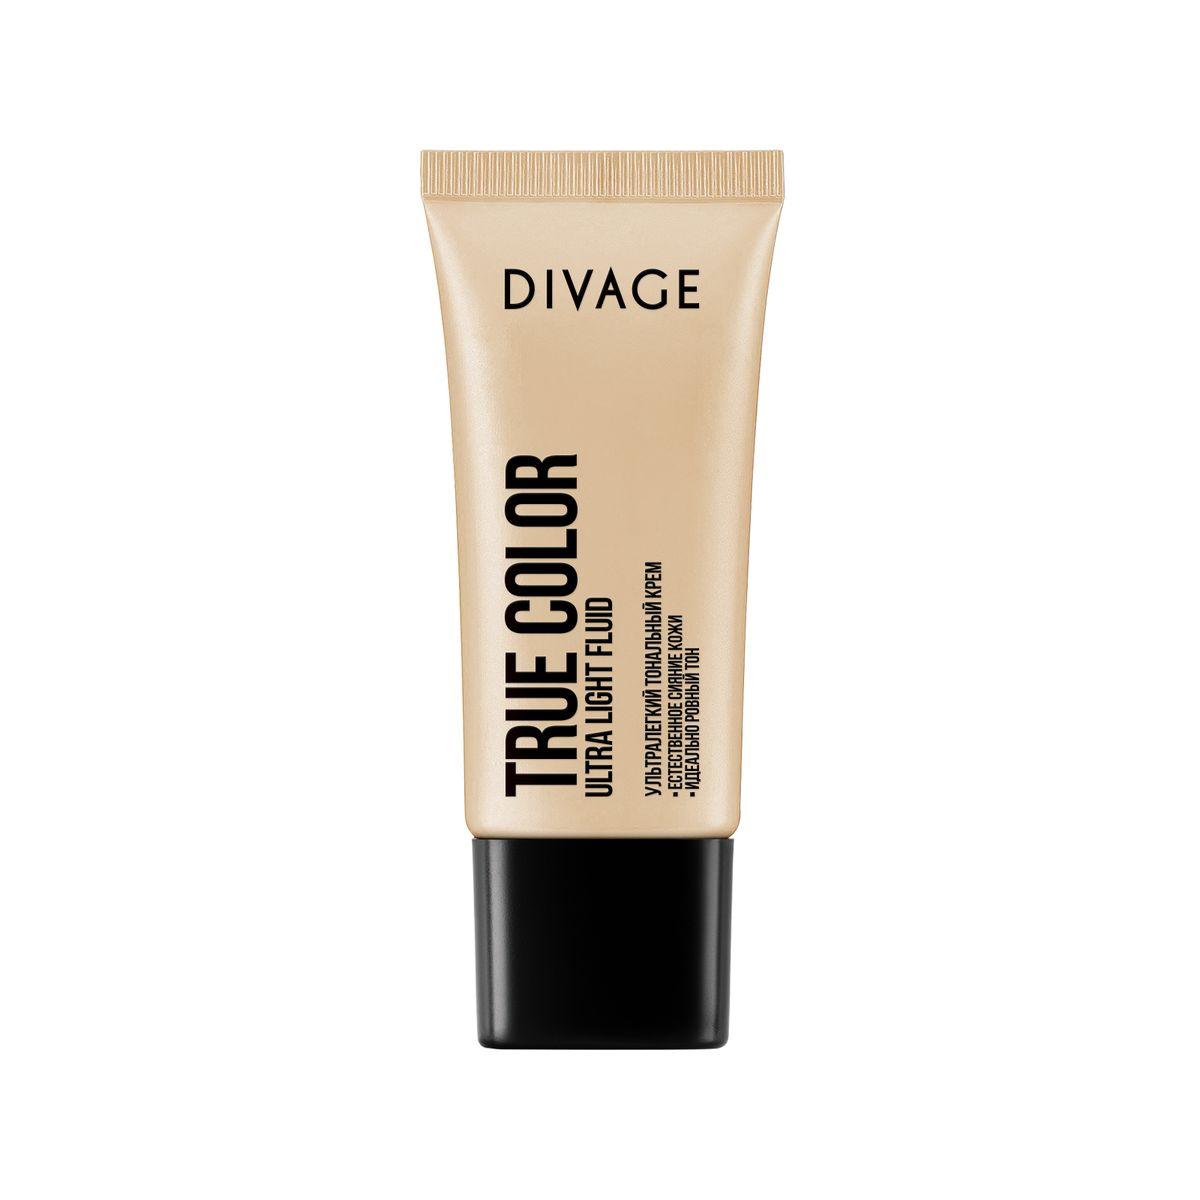 DIVAGE Тональный крем TRUE COLOR, тон № 01, 30 мл219579Невидимая и лёгкая тональная основа с прозрачной водянистой текстурой эффективно увлажняет и освежает кожу. Влага наполняет клетки и хорошо удерживается в поверхности кожи. Масло авокадо и витамины Е помогают клеткам кожи противостоять вредным воздействиям окружающей среды. Хорошо увлажнённая и защищённая кожа выглядит свежей, ухоженной и ровной без ощущения «маски на лице».